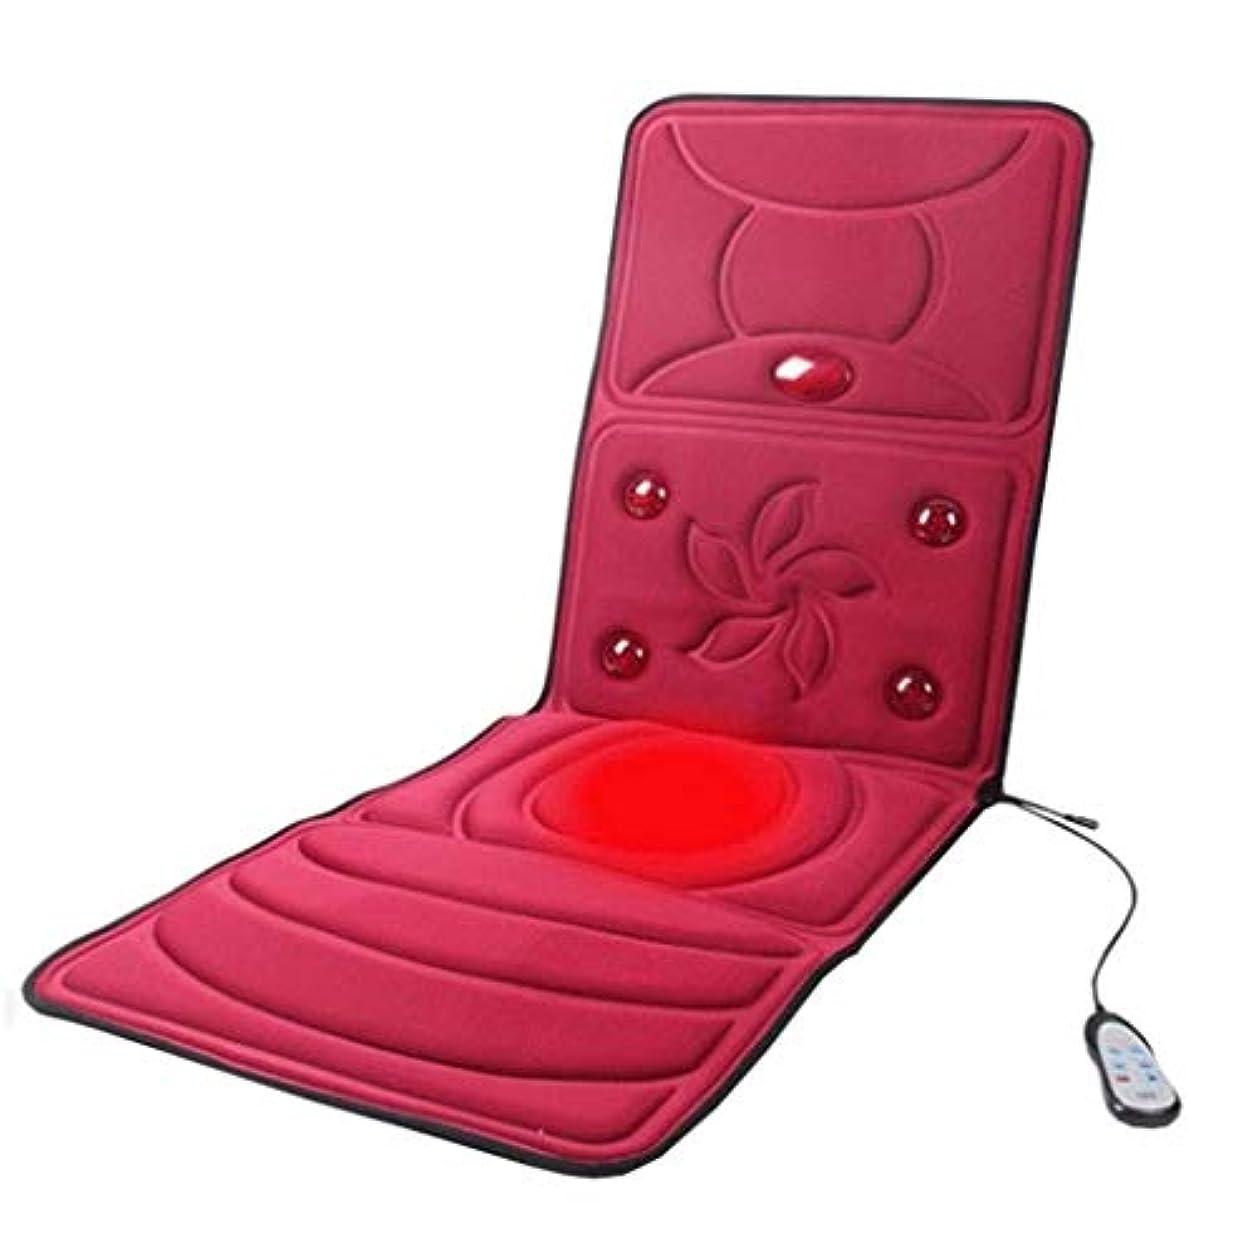 進行中ダメージうめき声マッサージクッション、折り畳み式フルボディマッサージマットレス、首と肩用の多機能加熱/振動マッサージパッド、ストレス/痛み166 * 58cmを和らげます